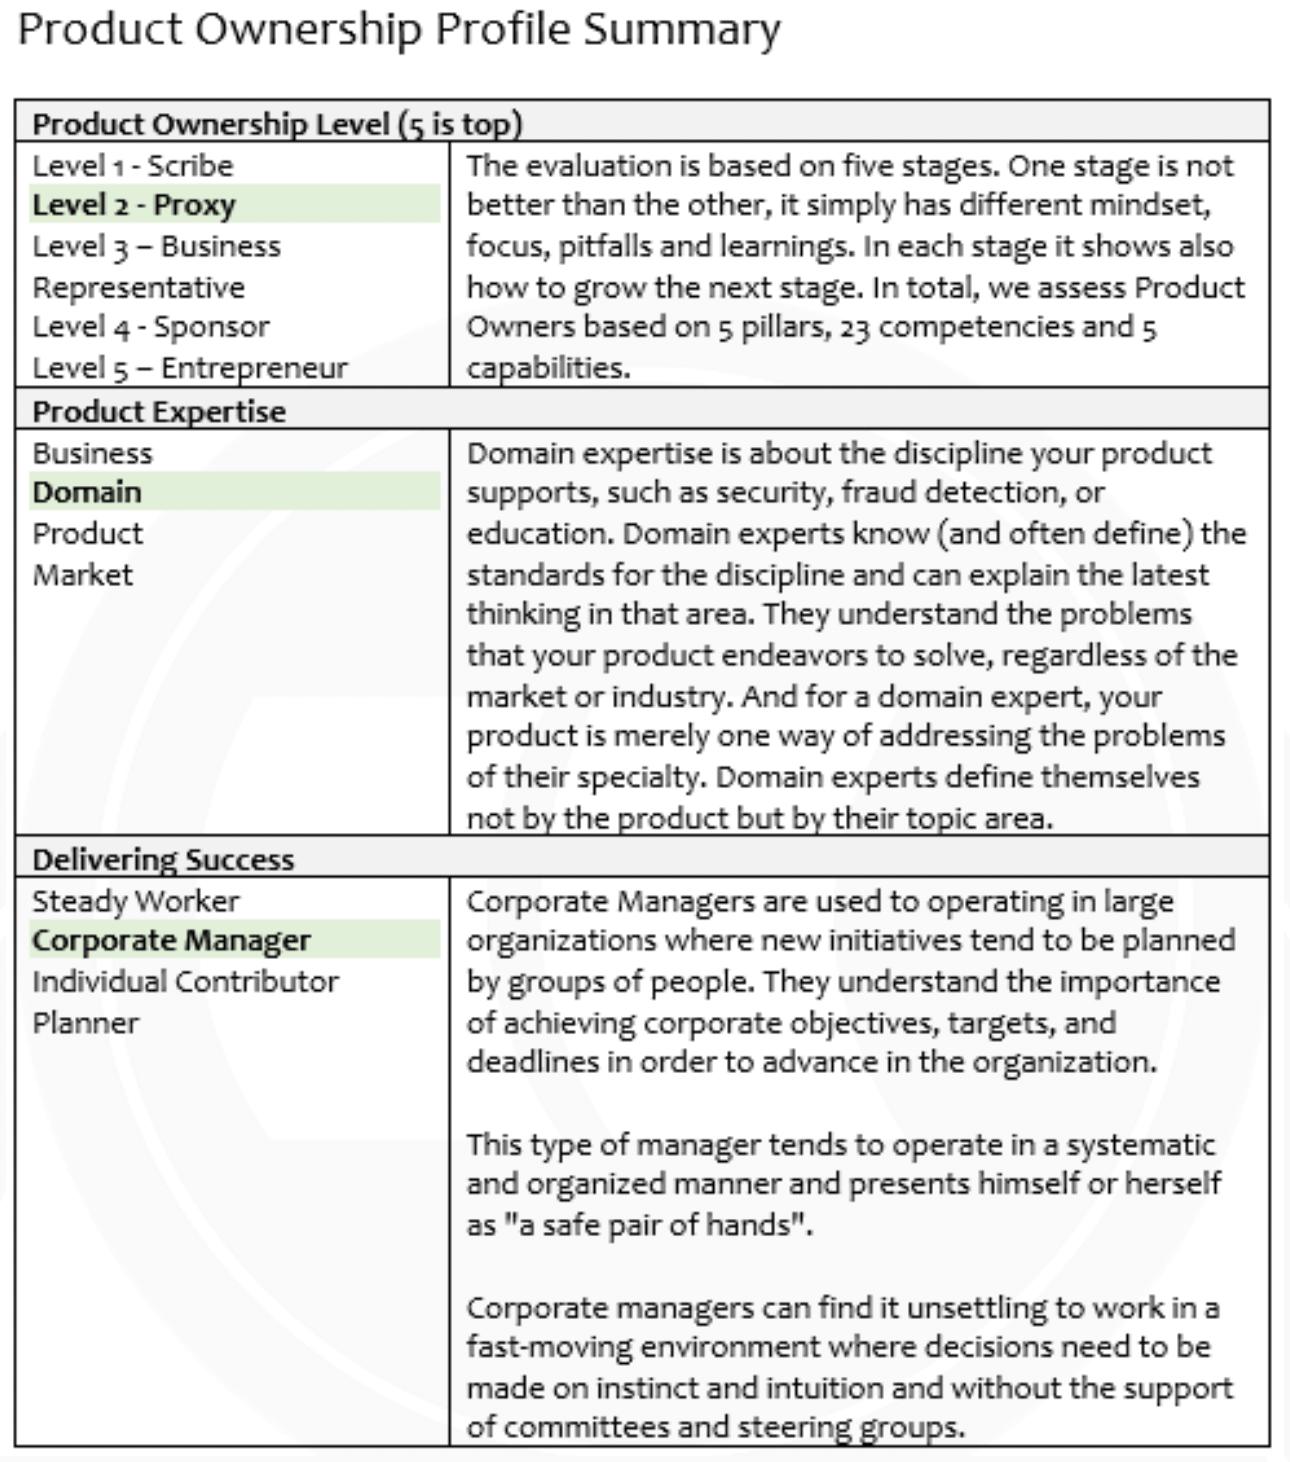 Product Ownership Profile Summary